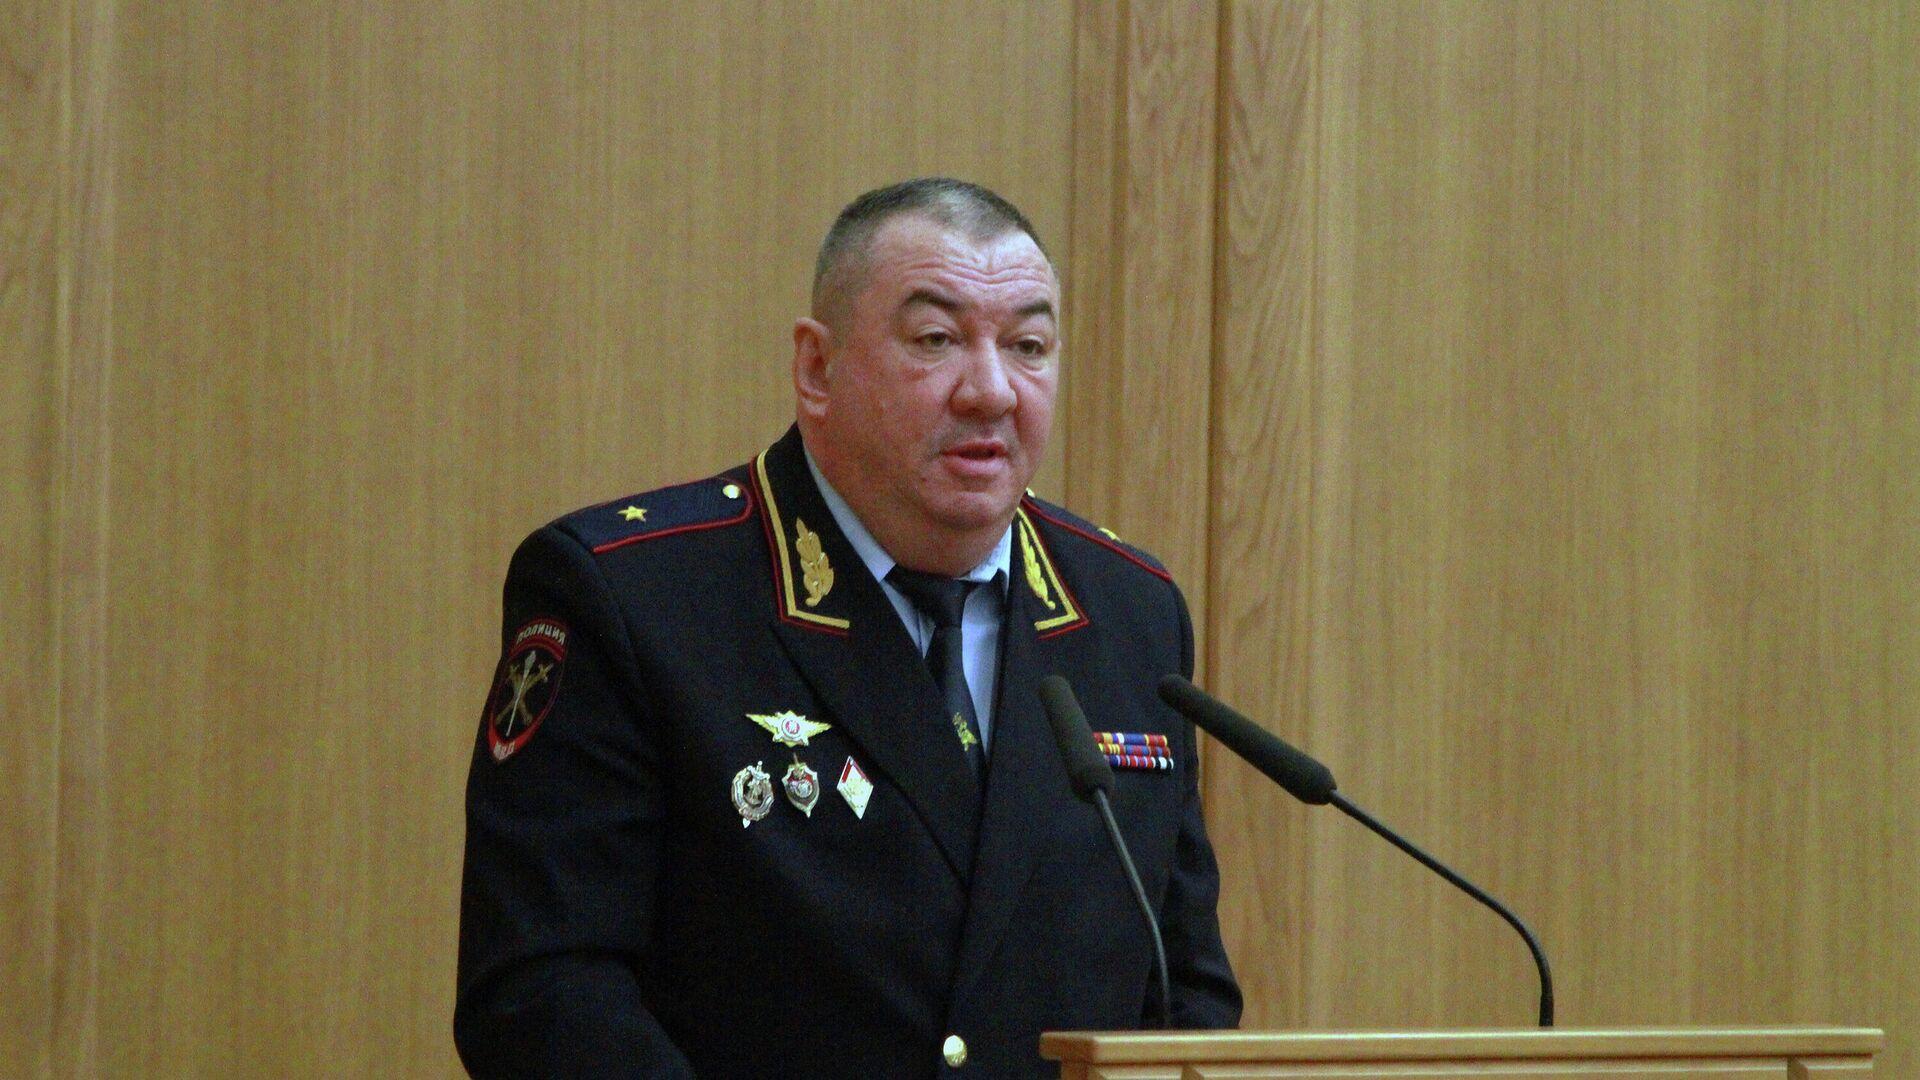 Генерал-майор полиции Сергей Плахих - РИА Новости, 1920, 17.02.2020